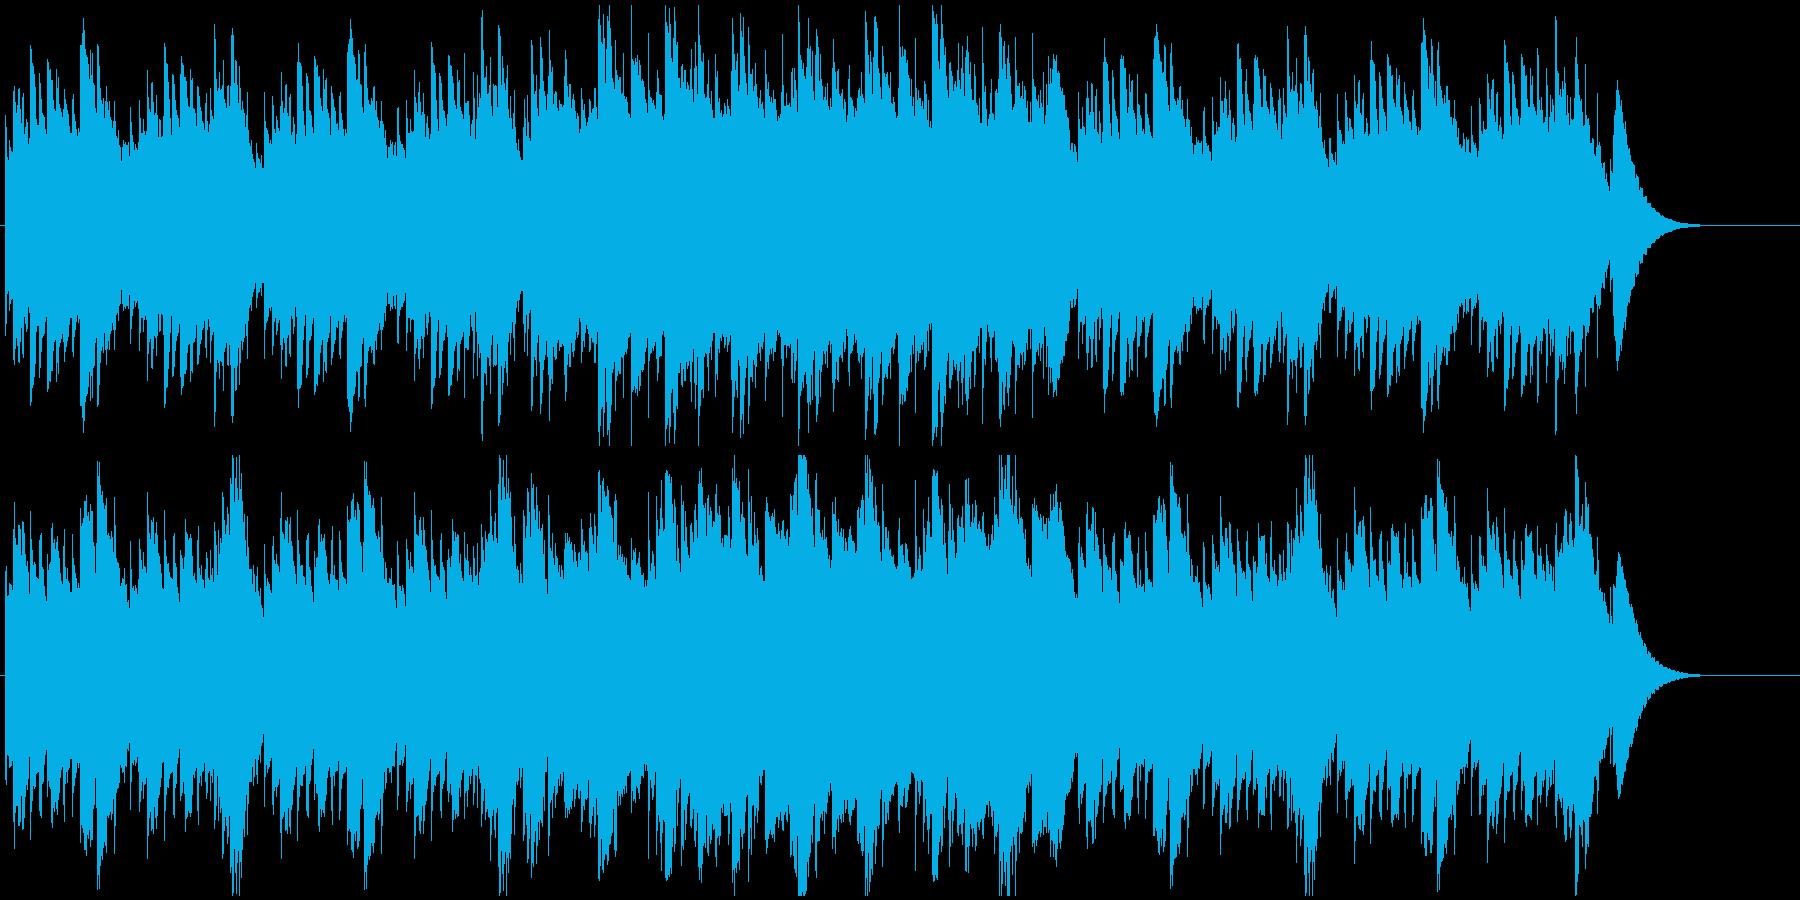 お洒落で絵本に合うオルゴールメロディーの再生済みの波形